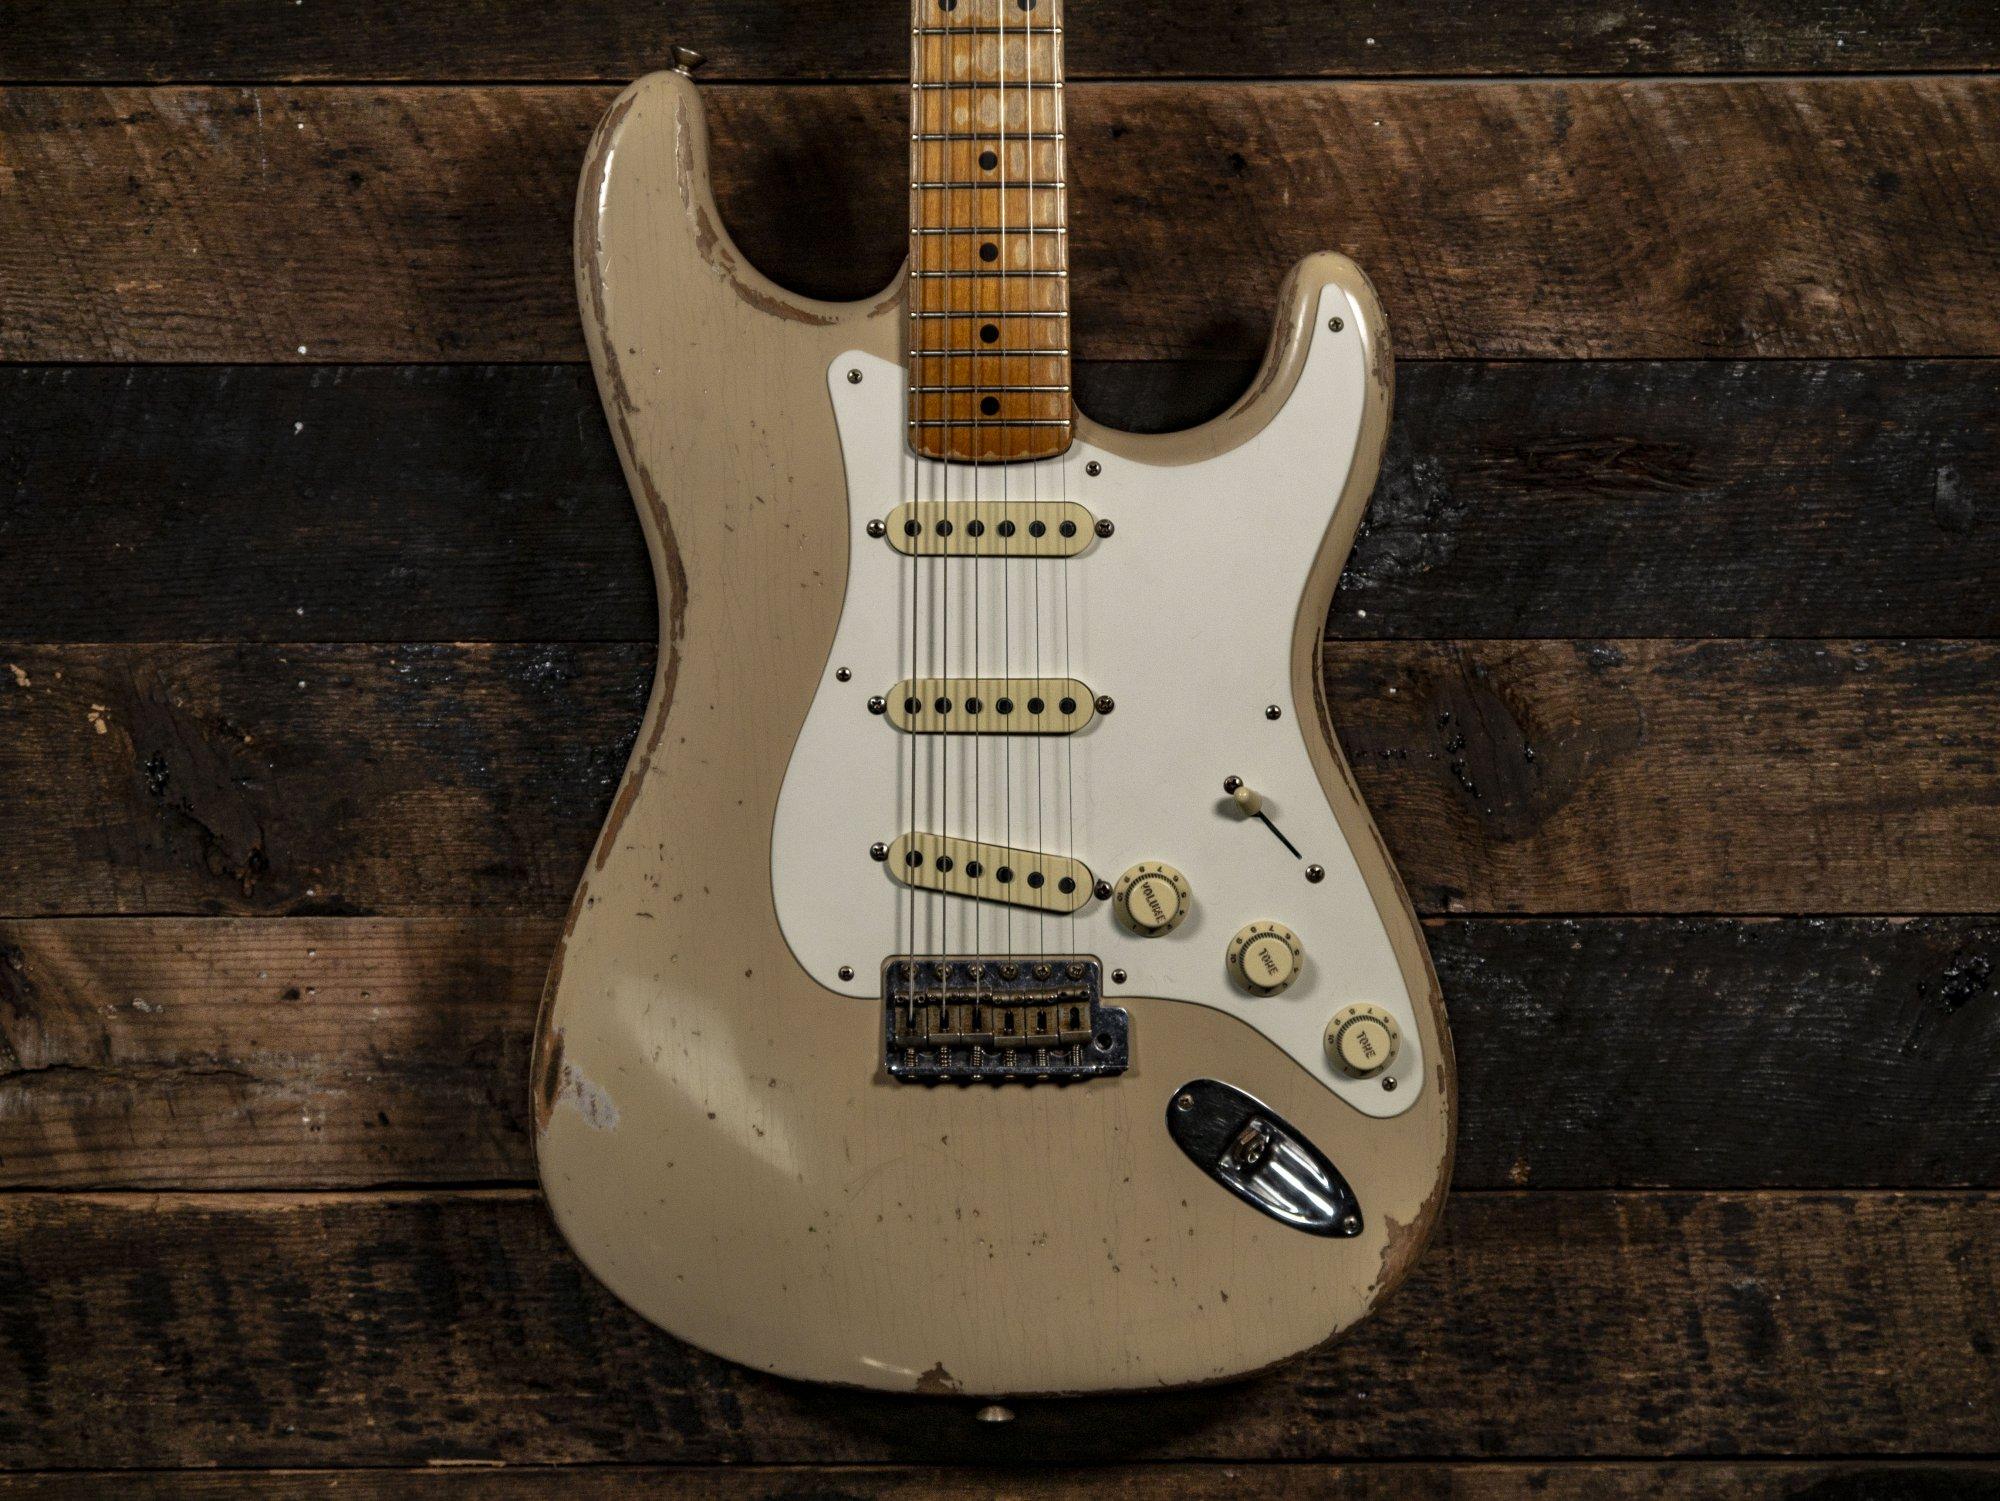 Fender Custom Shop Todd Krause Masterbuilt '57 Stratocaster Heavy Relic Desert Sand w/Maple Neck